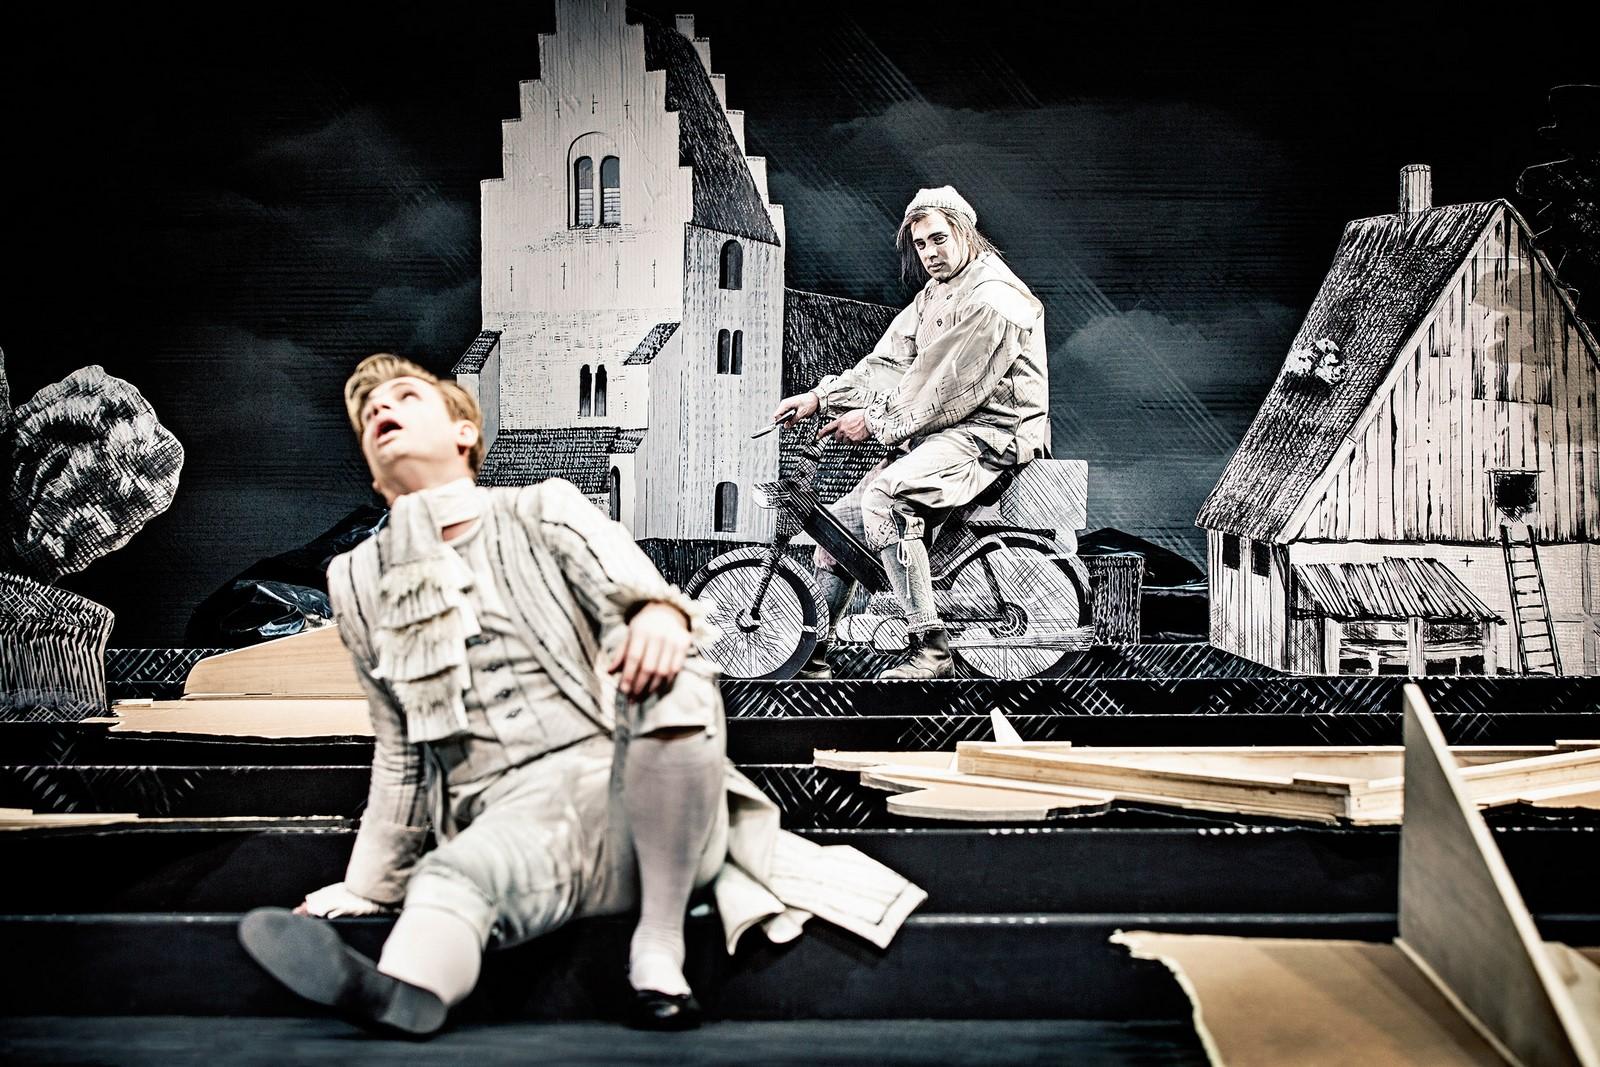 Anmeldelse: Erasmus Montanus, Østre Gasværk Teater (Aarhus Teater og Sort/Hvid)